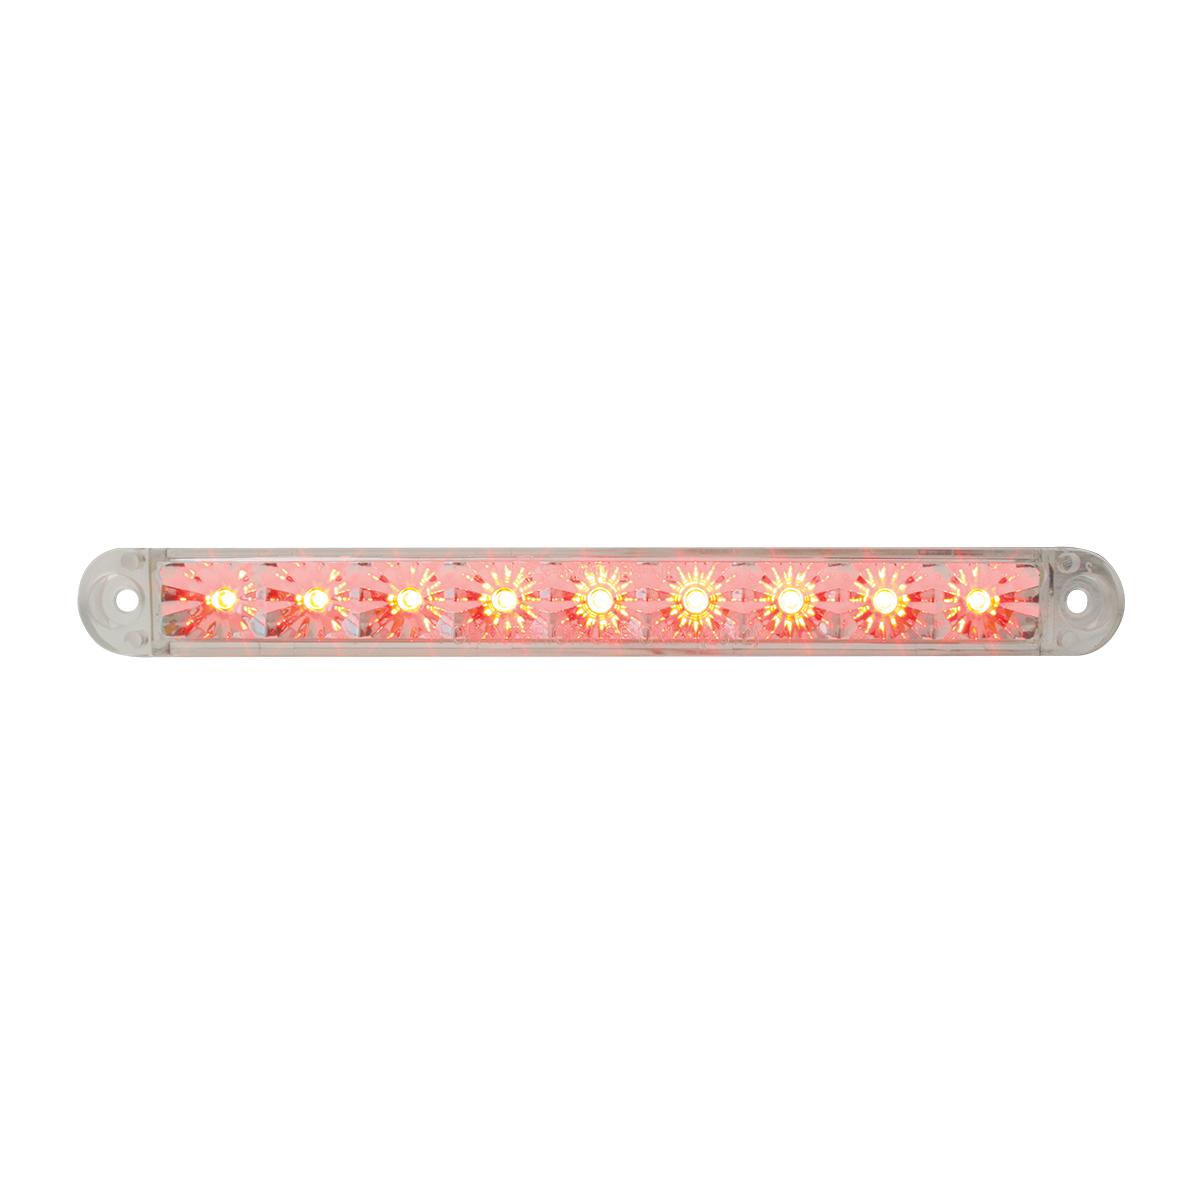 """76143 6.5"""" Flush Mount LED Light Bar"""